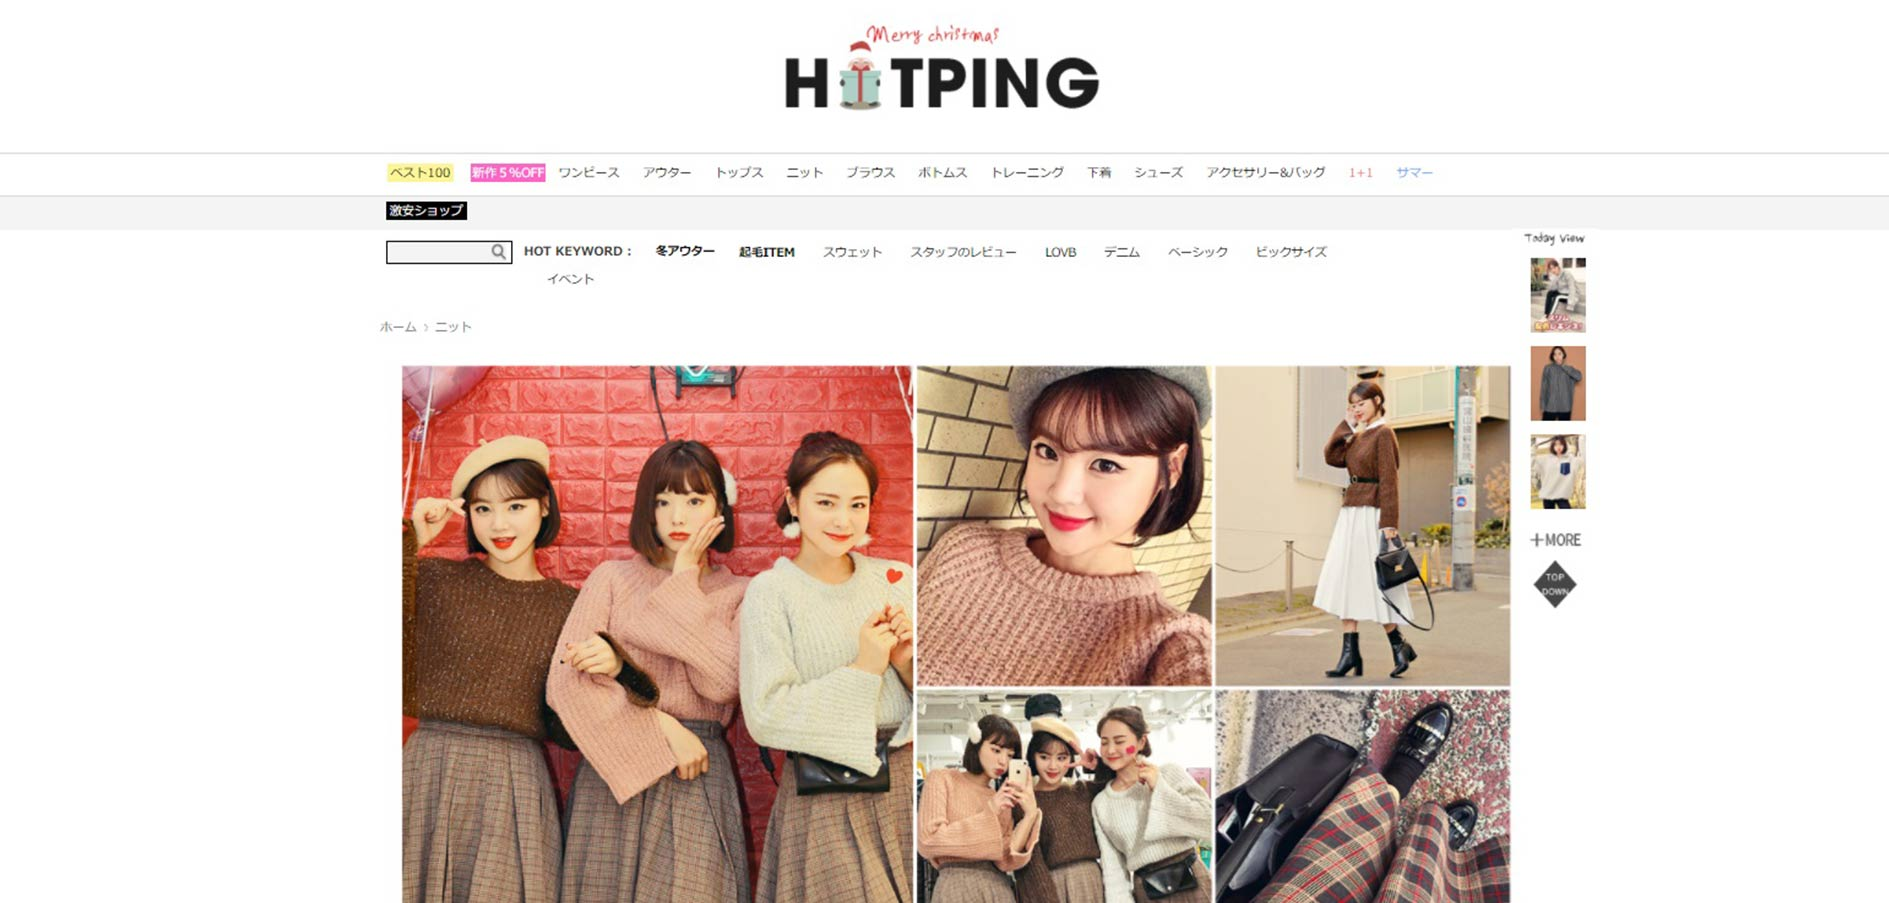 20代におすすめな韓国ファッション通販サイトのHOT PING(ホッピング)